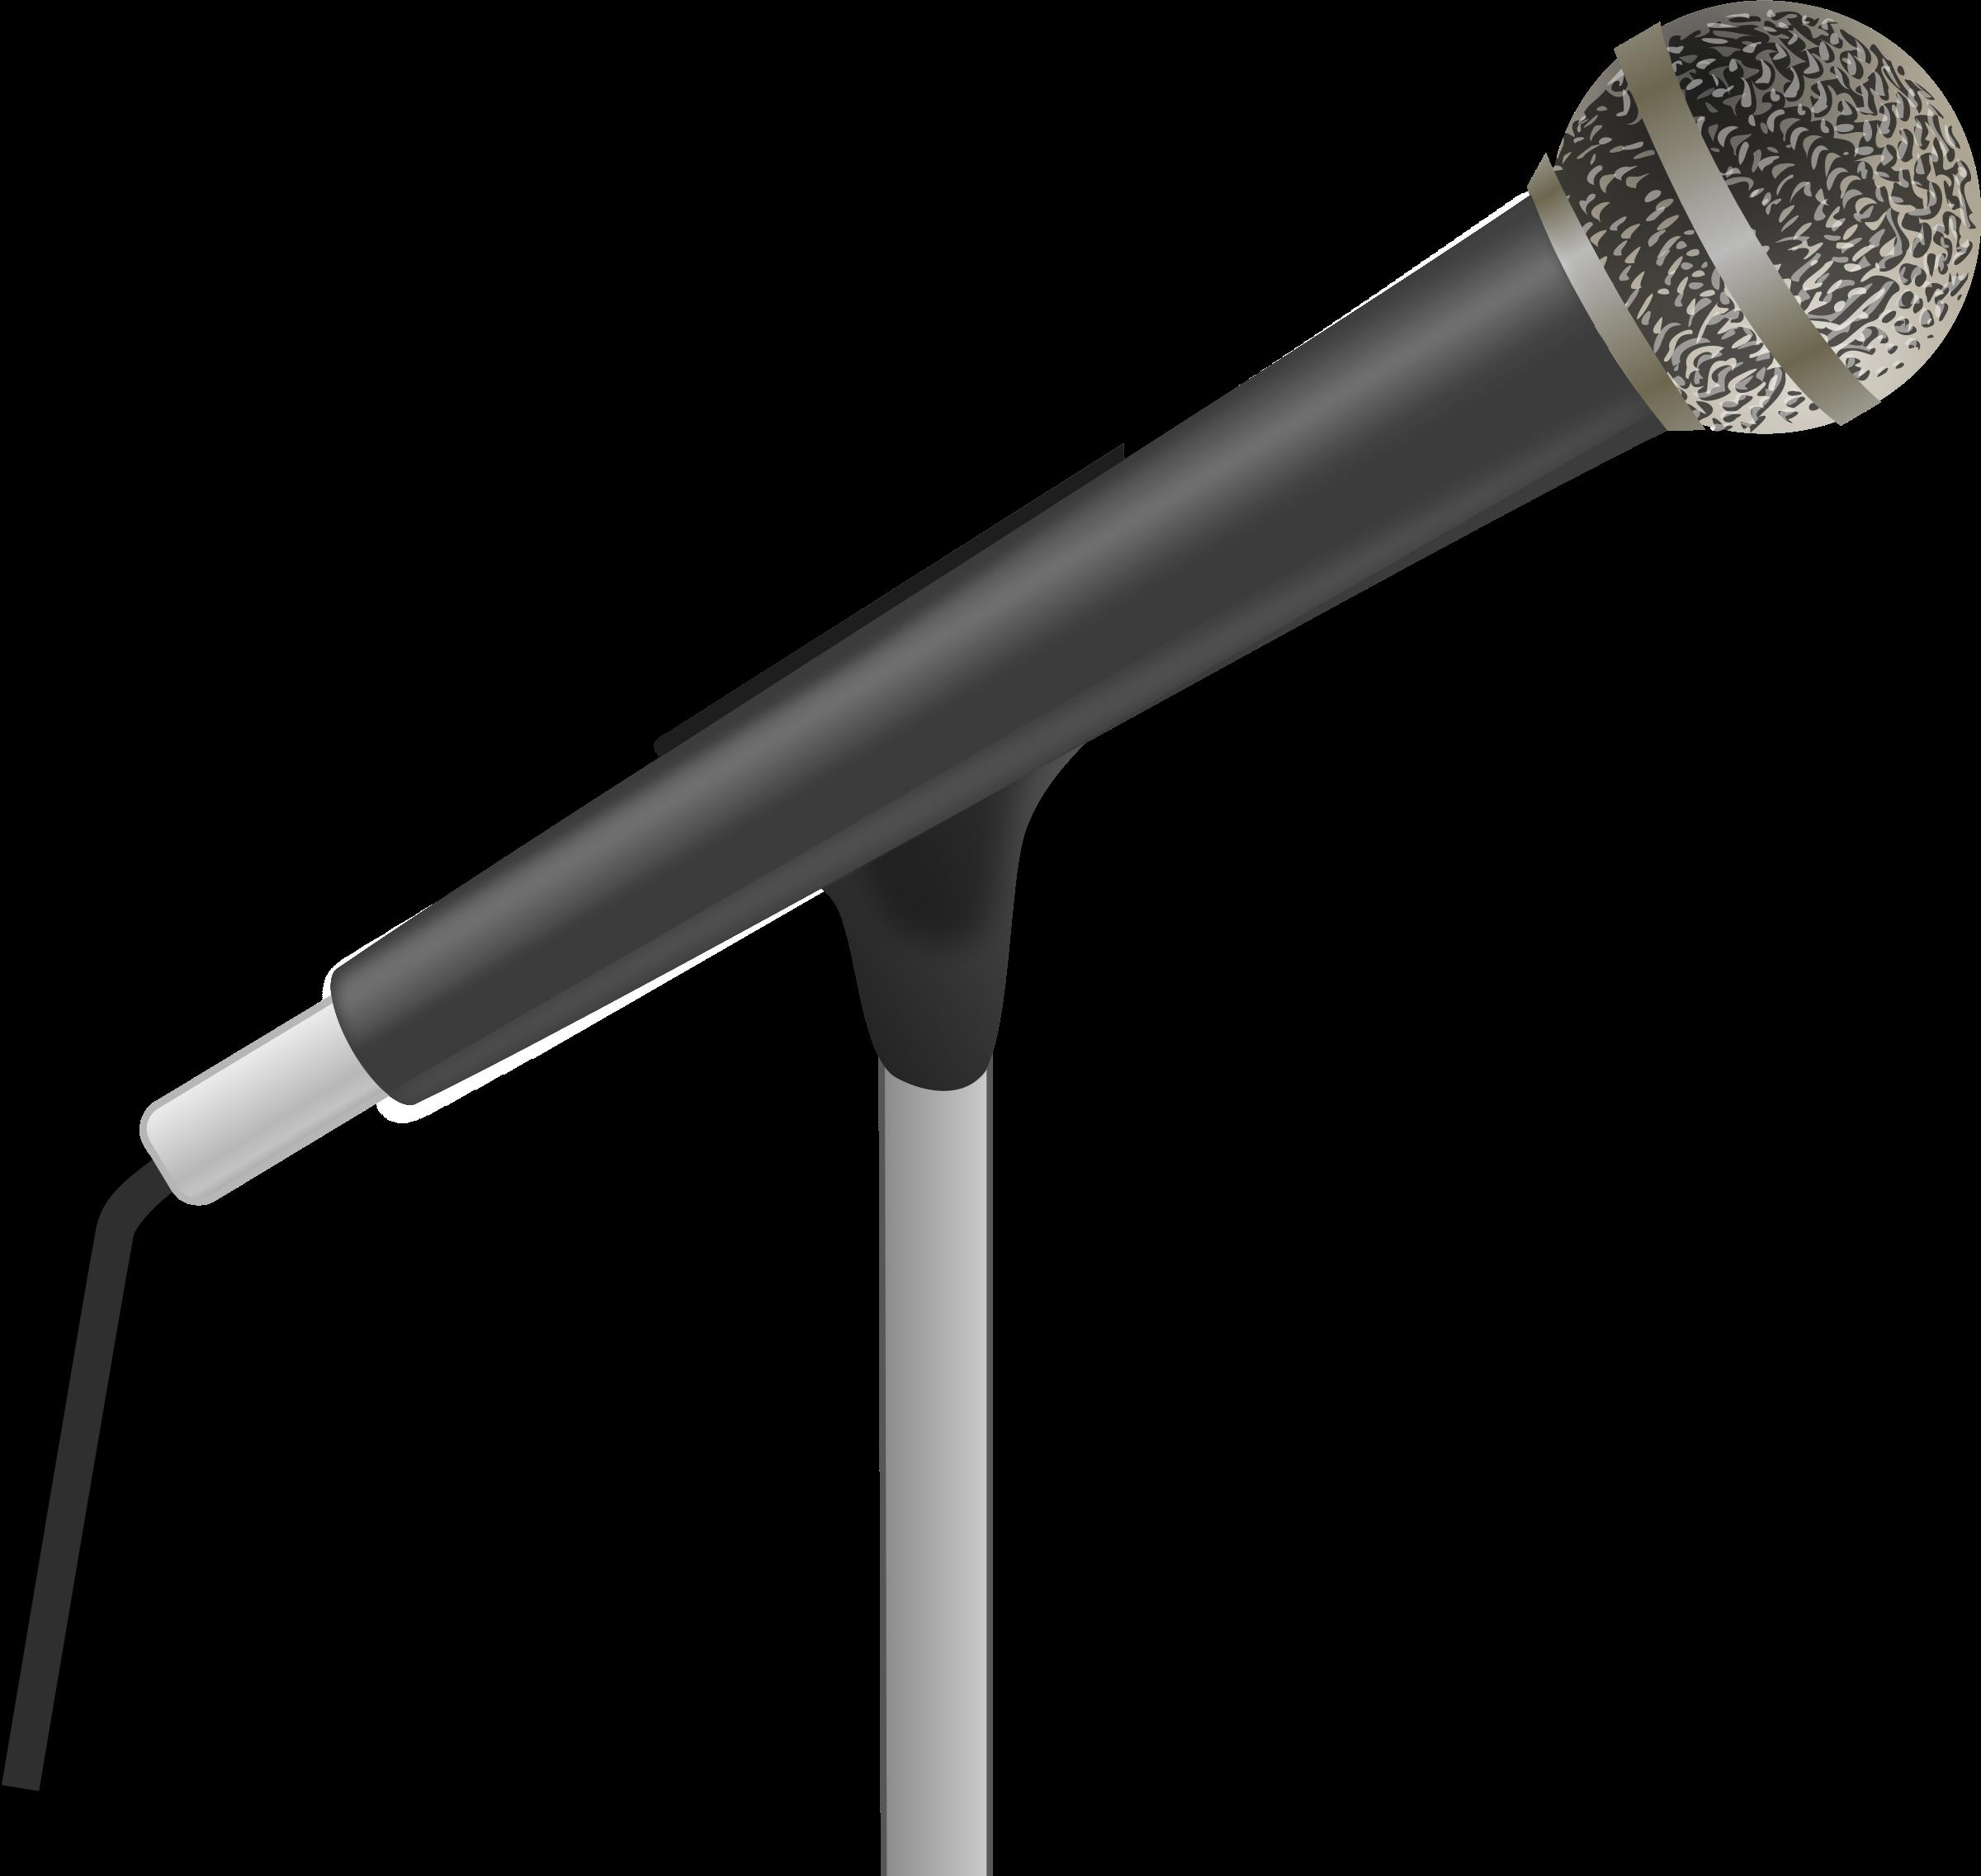 Clip Art Microphone